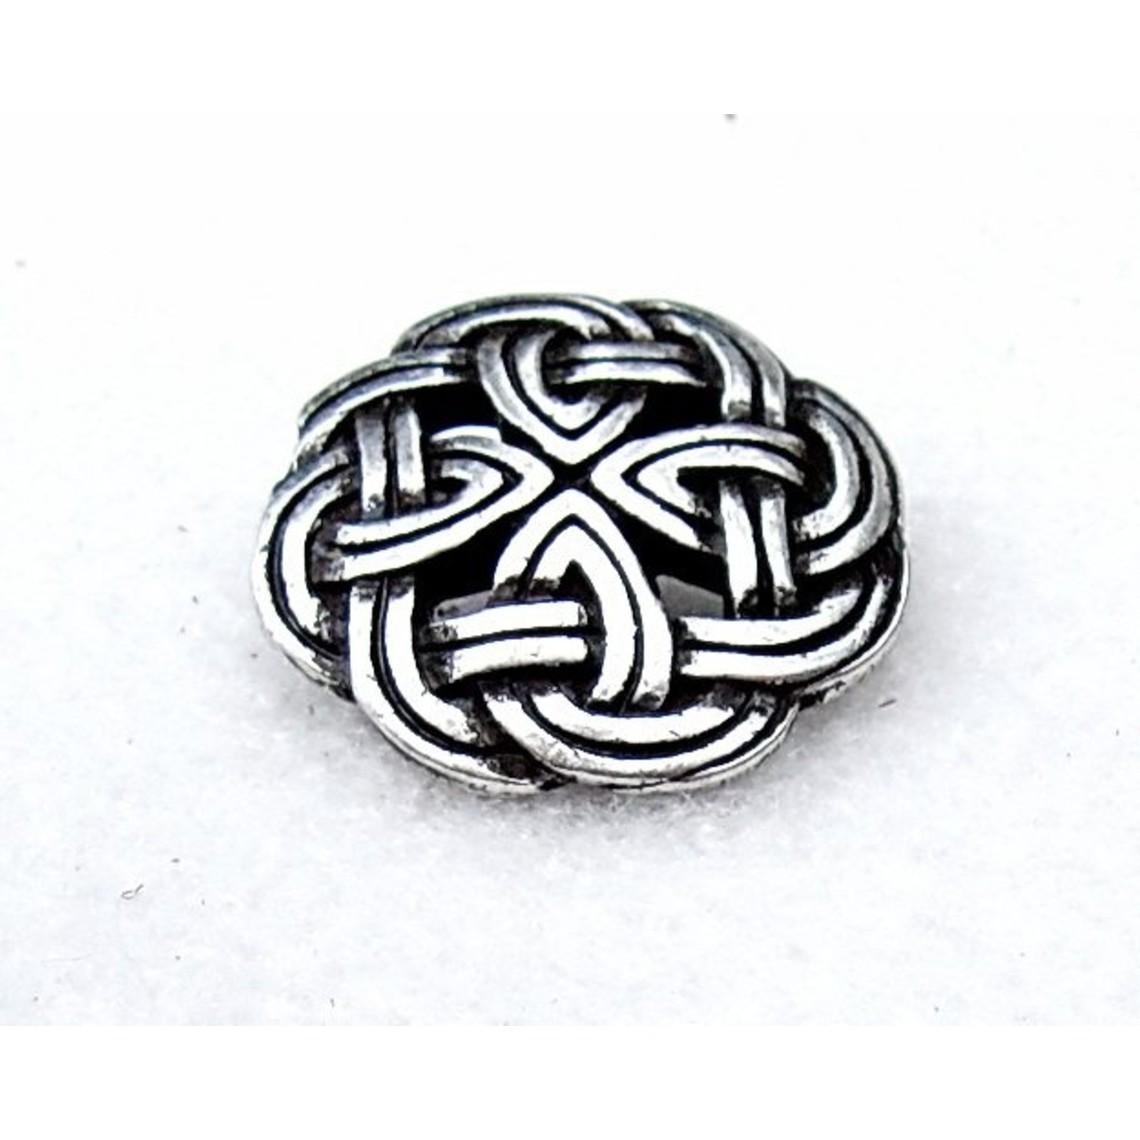 Keltische knopen Tara, set van vijf stuks, verzilverd